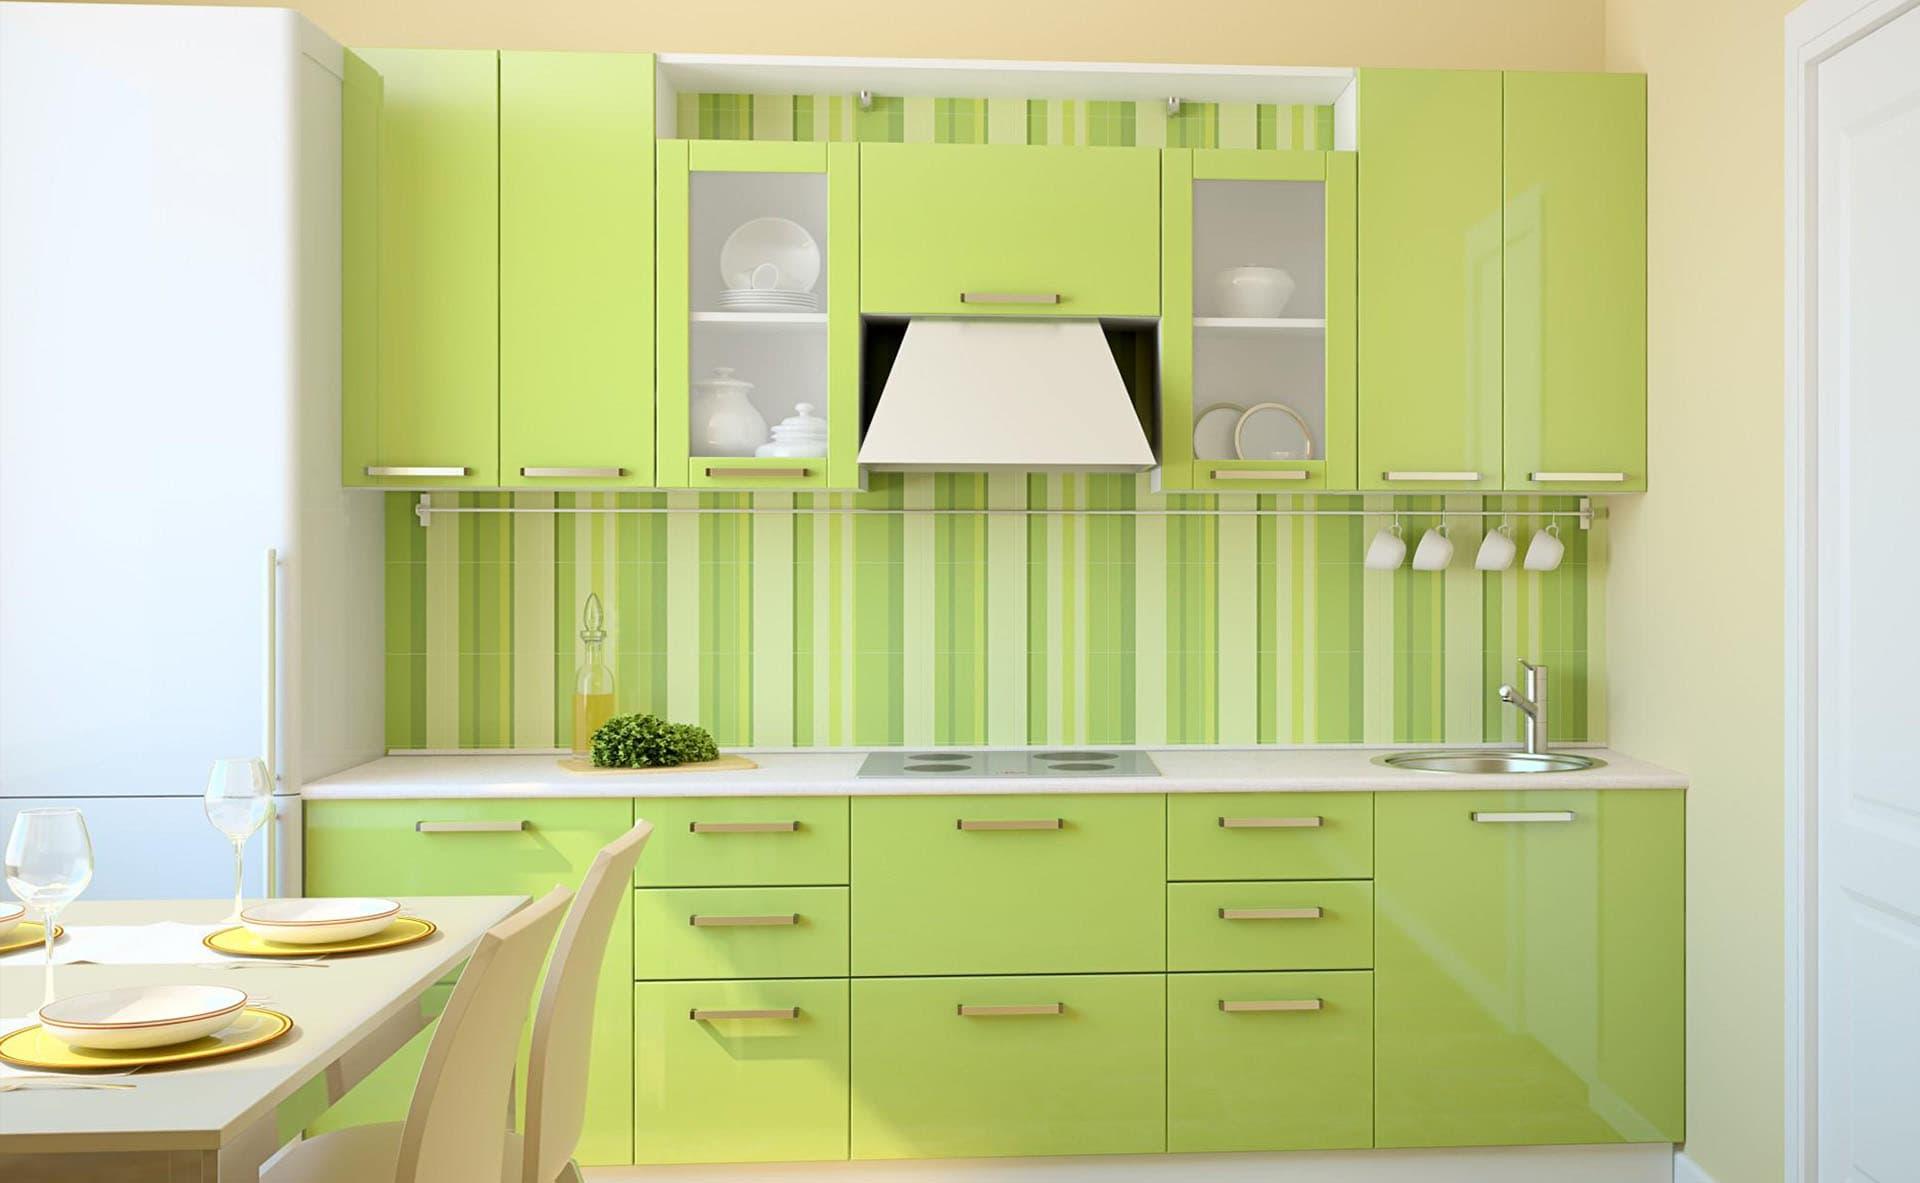 Картинки кухонная мебель зеленого цвета